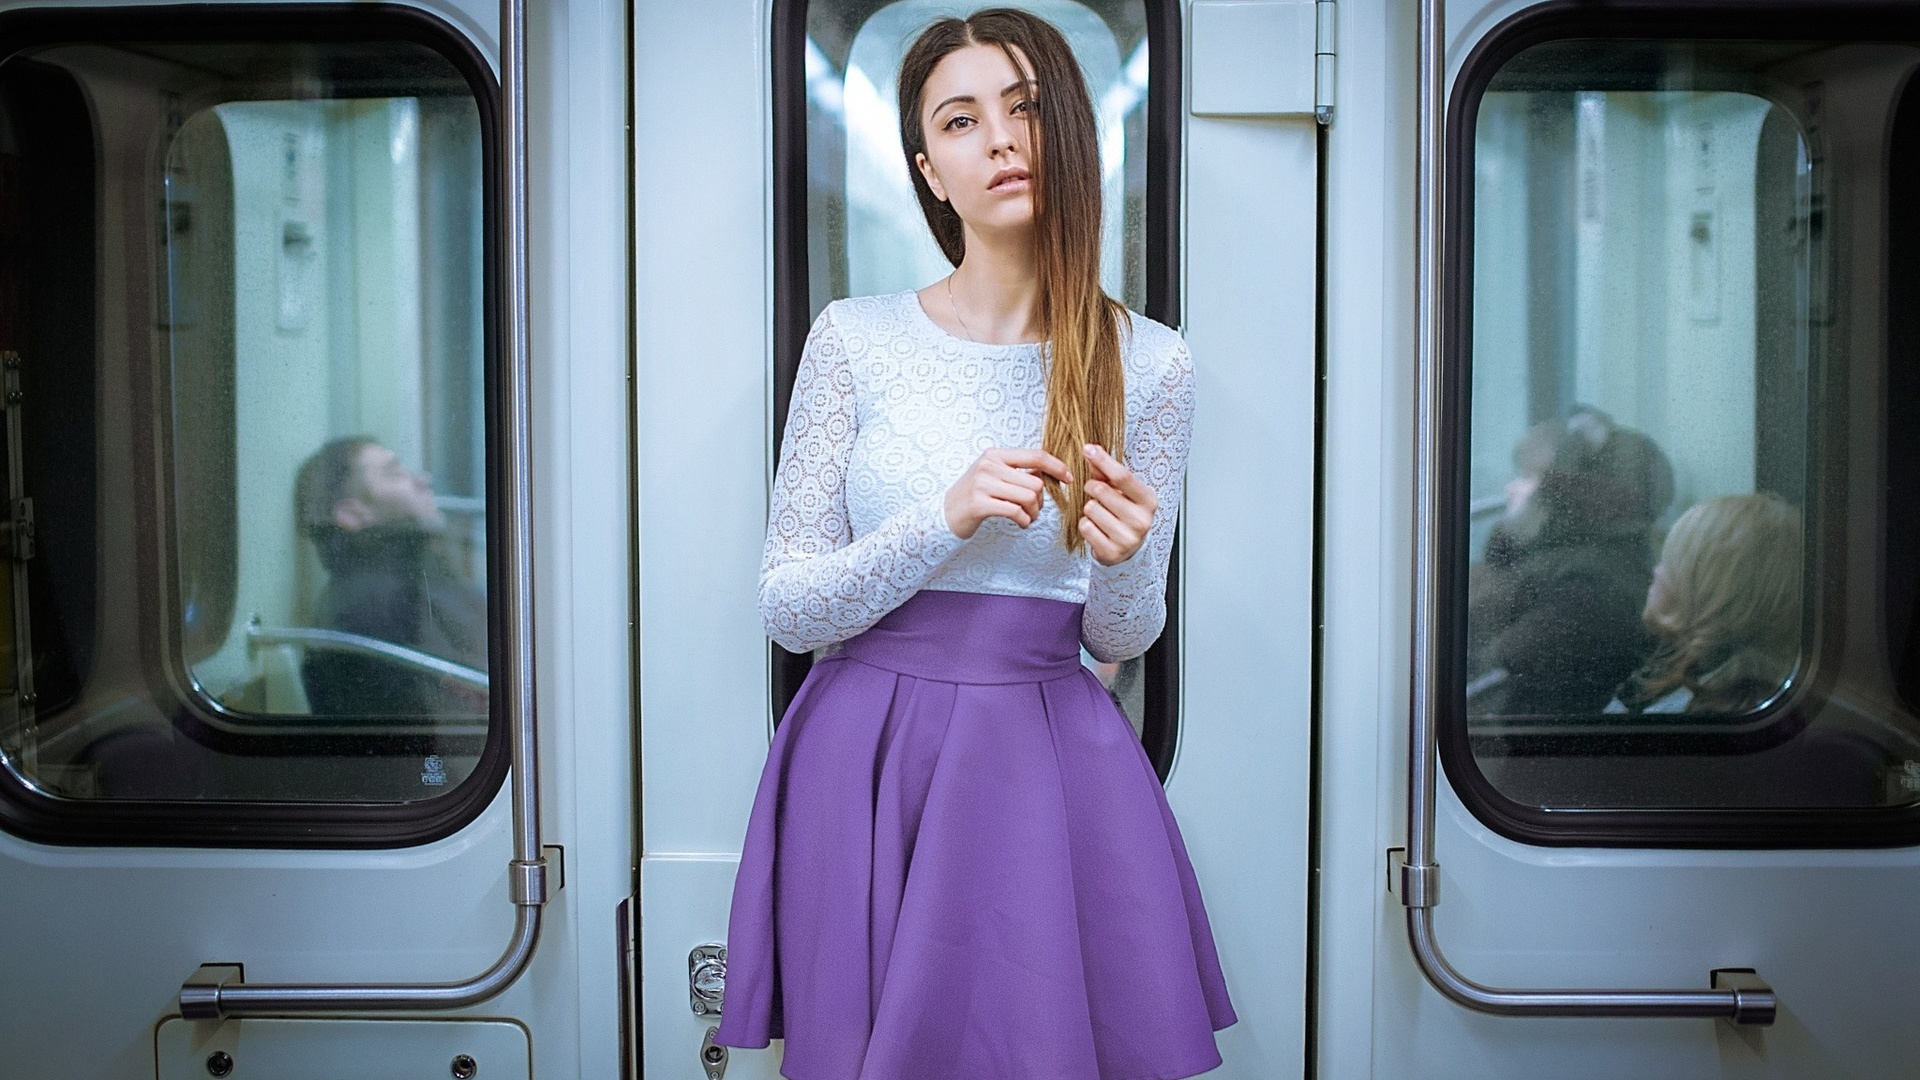 Юбкой красивое фото девушек в метро доярки